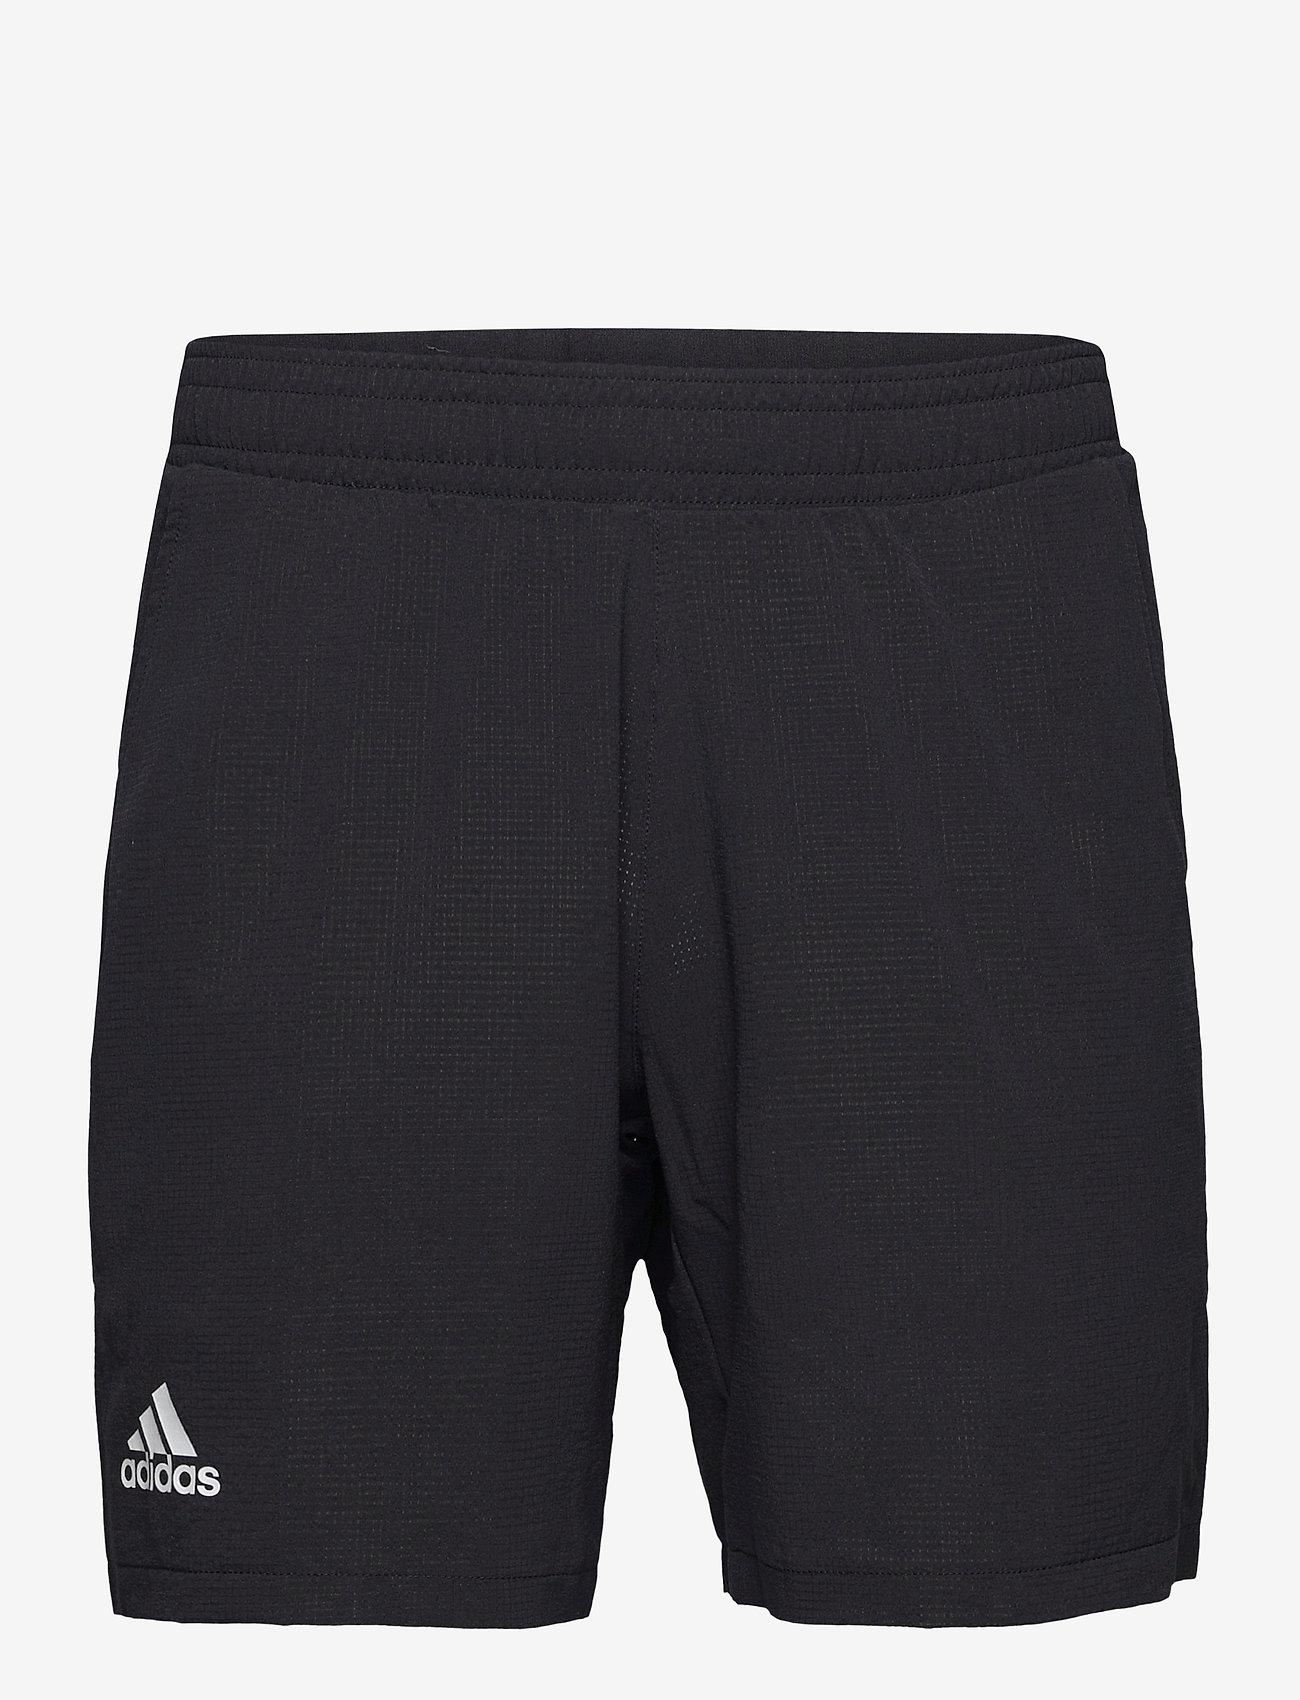 adidas Performance - ERGO SHORTS - trainingsshorts - black - 0